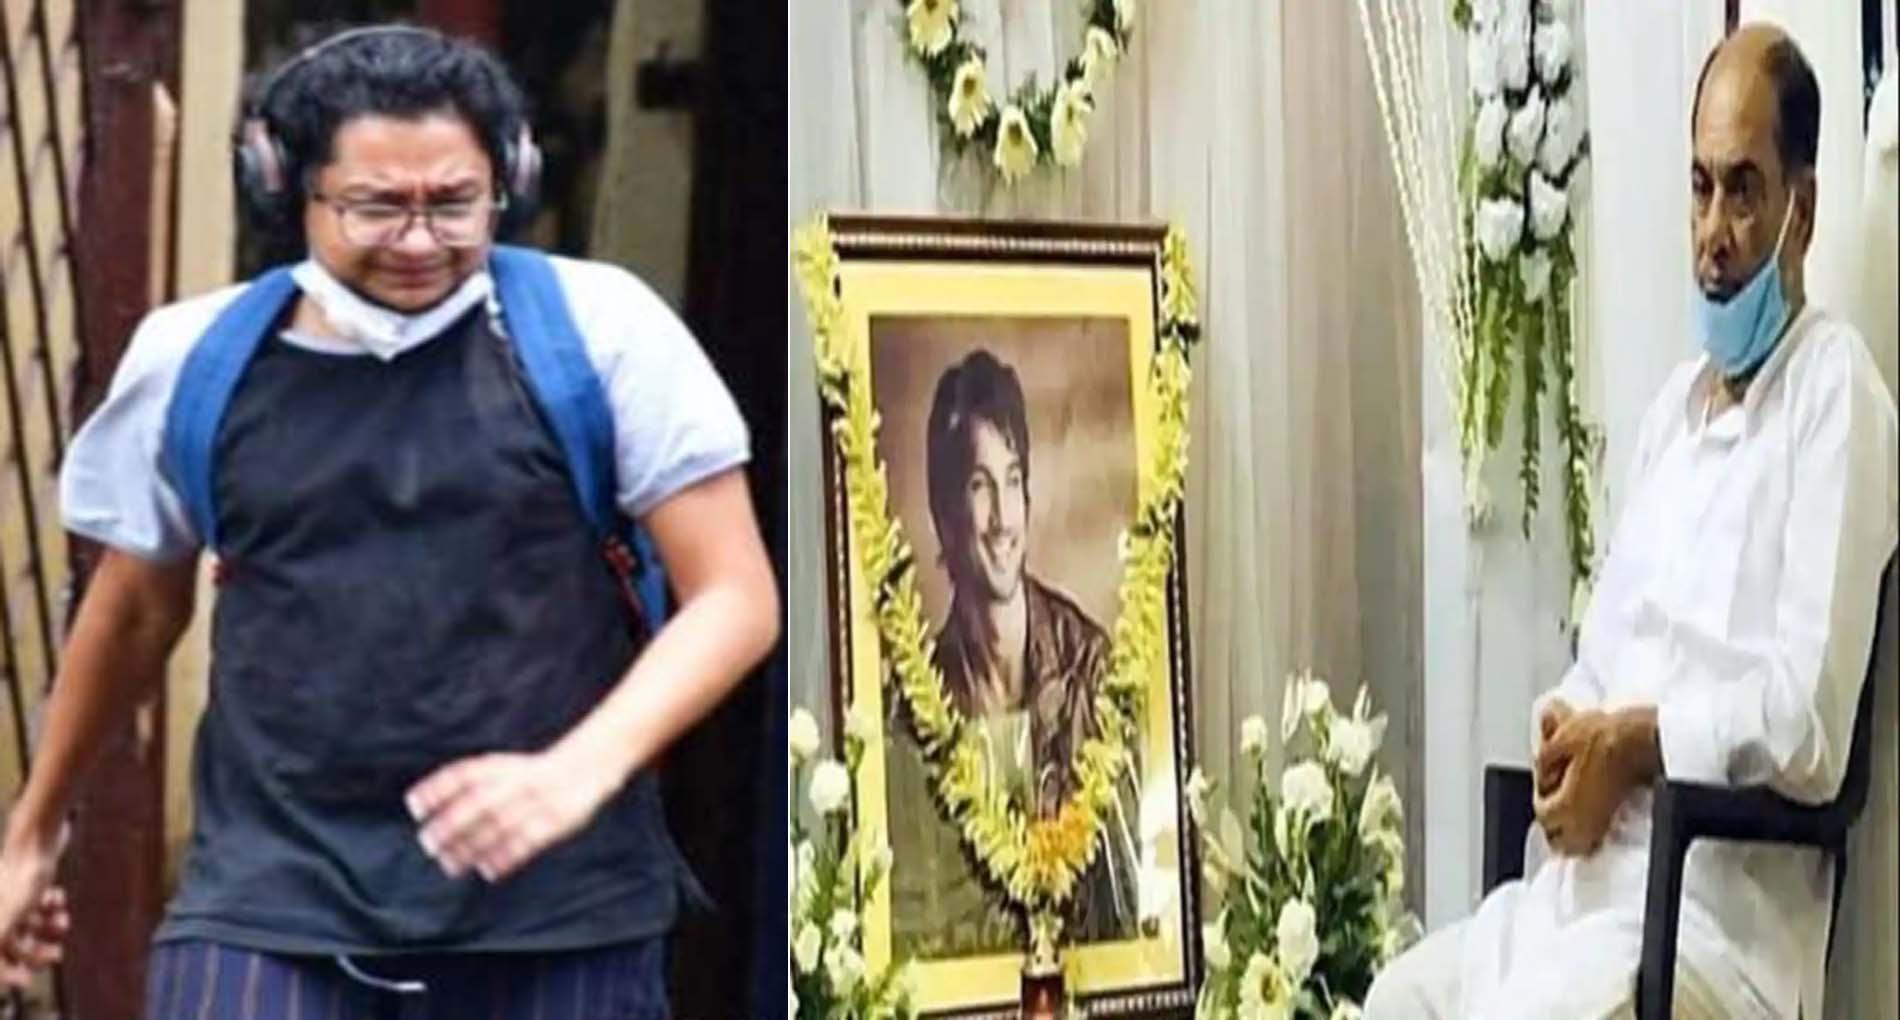 सिद्धार्थ पिठानी ने कहा- 'परिवार के कहने पर उतारी थी डेड बॉडी', सुशांत के परिजन ने बताया झूठ